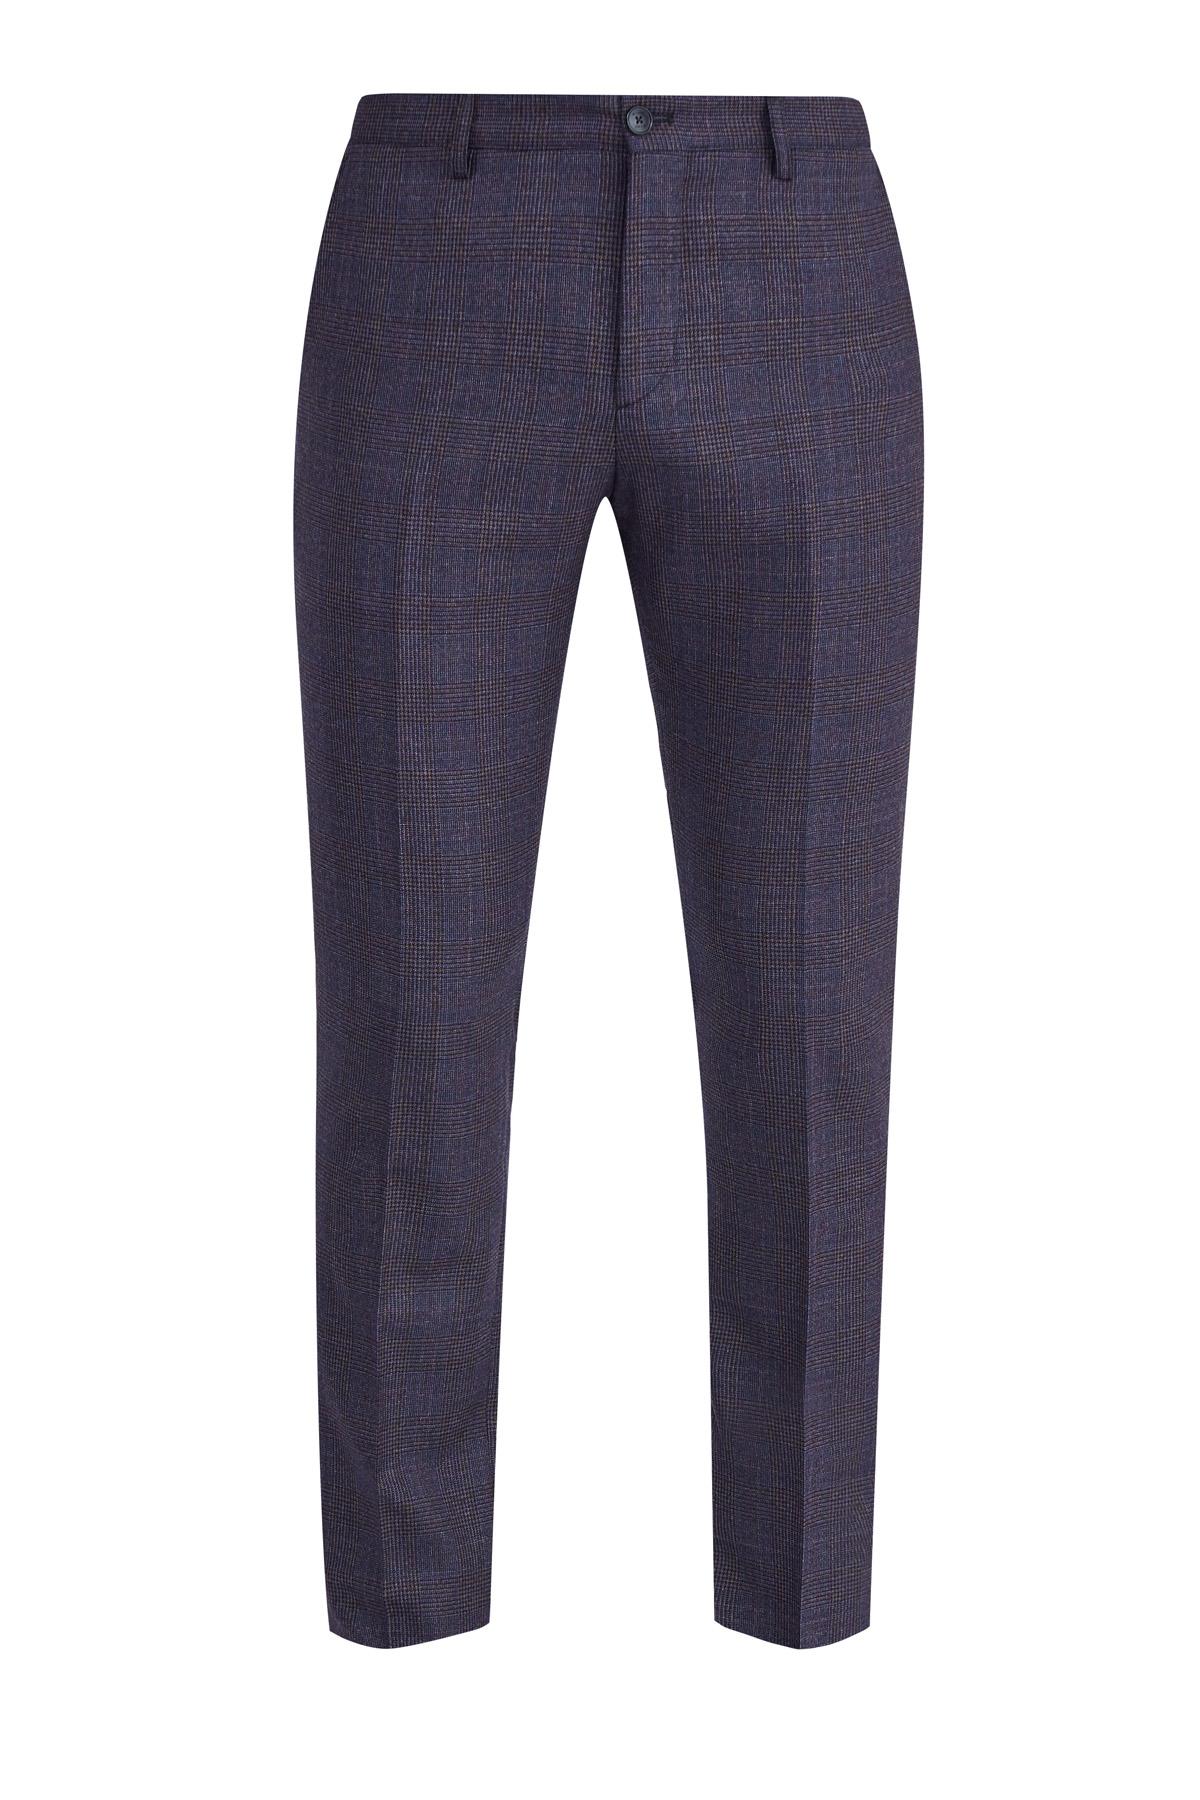 Классические брюки из костюмной шерстяной ткани в клетку фото